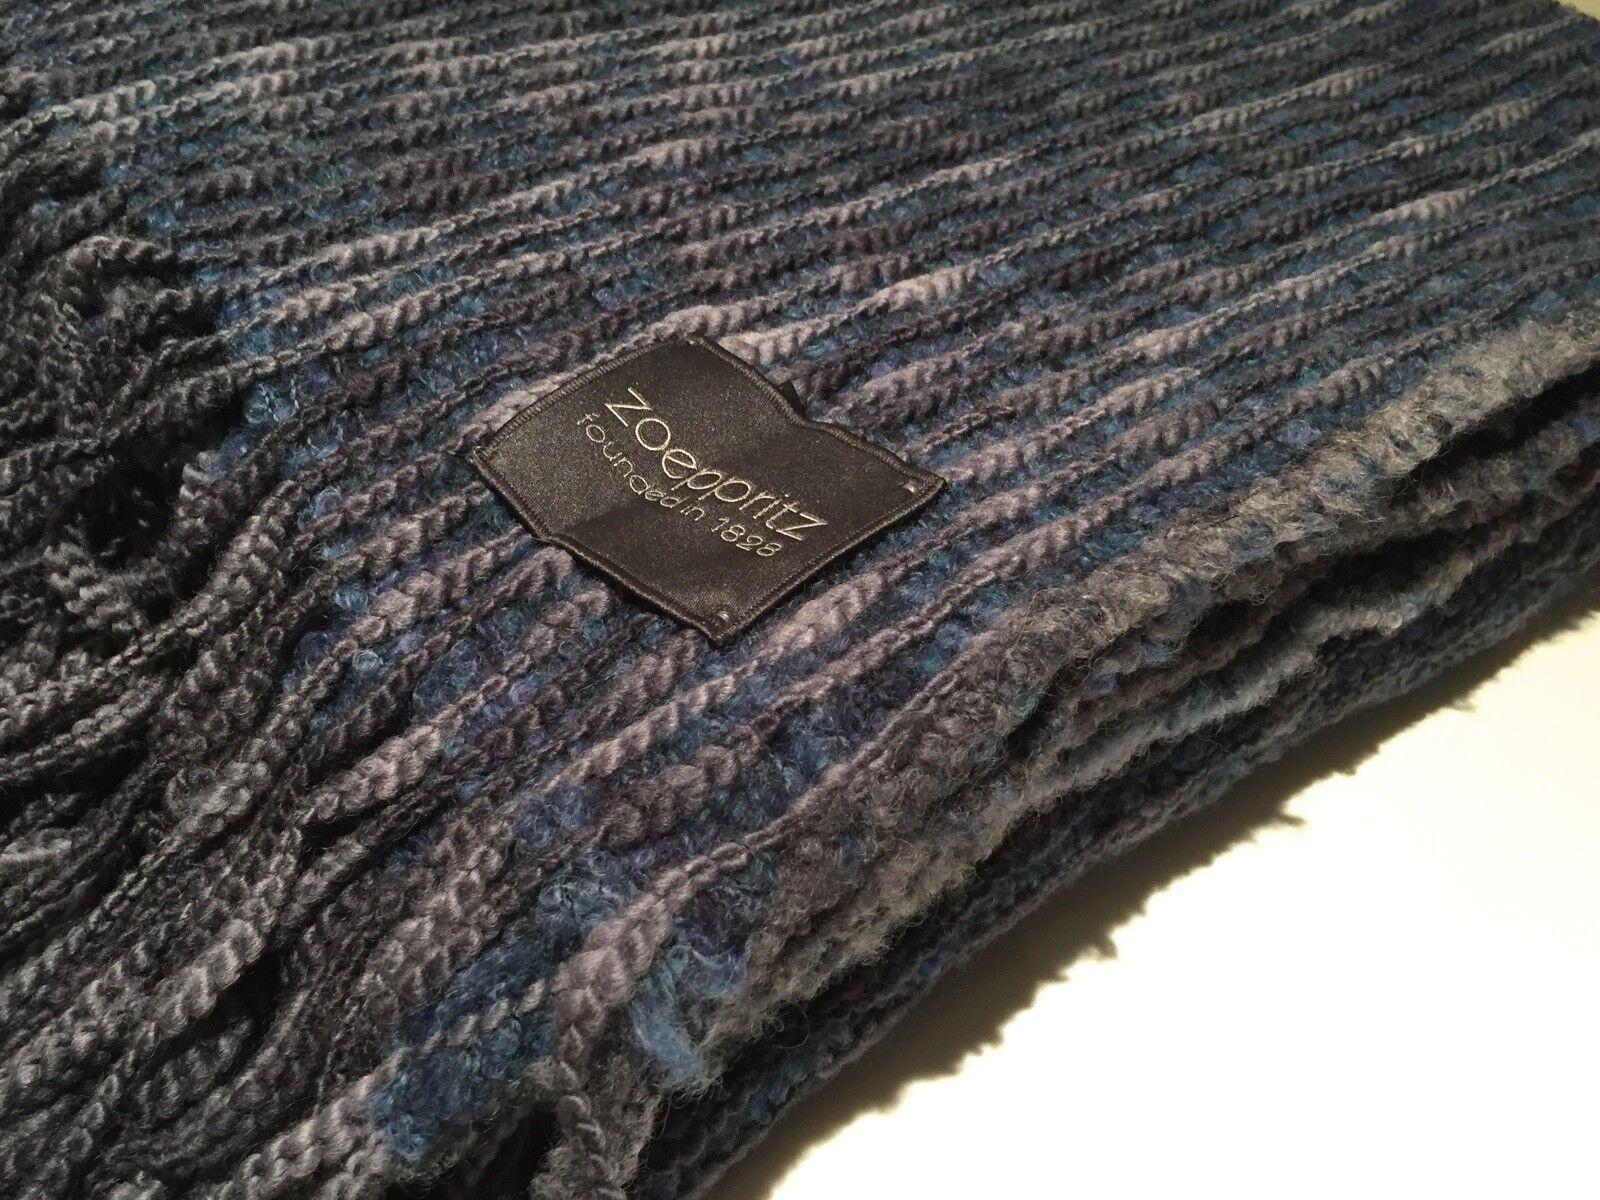 Zoeppritz Deluxe Throw Blanket Virgin Wool & Mohair 160x200cm bluee Grey Melange